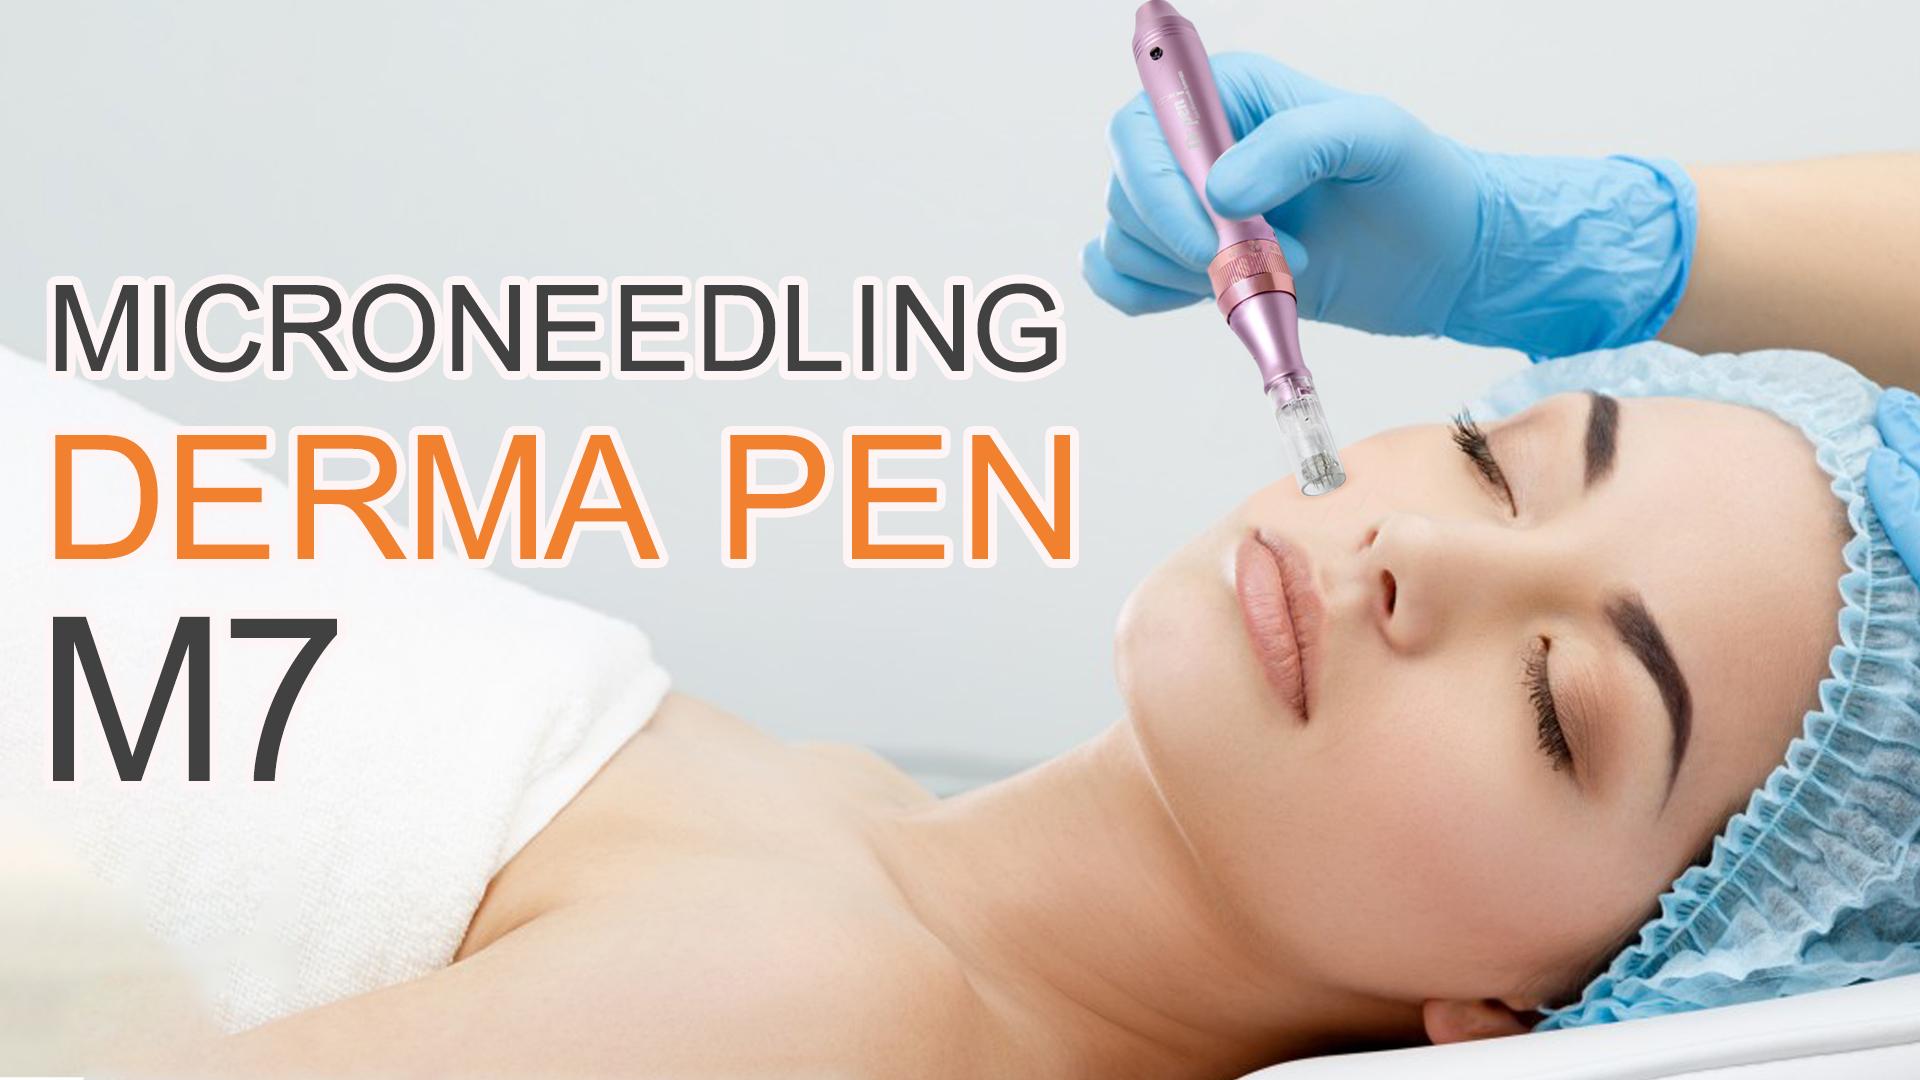 CE M7 microneedle système ultima stylo électrique derma stylo